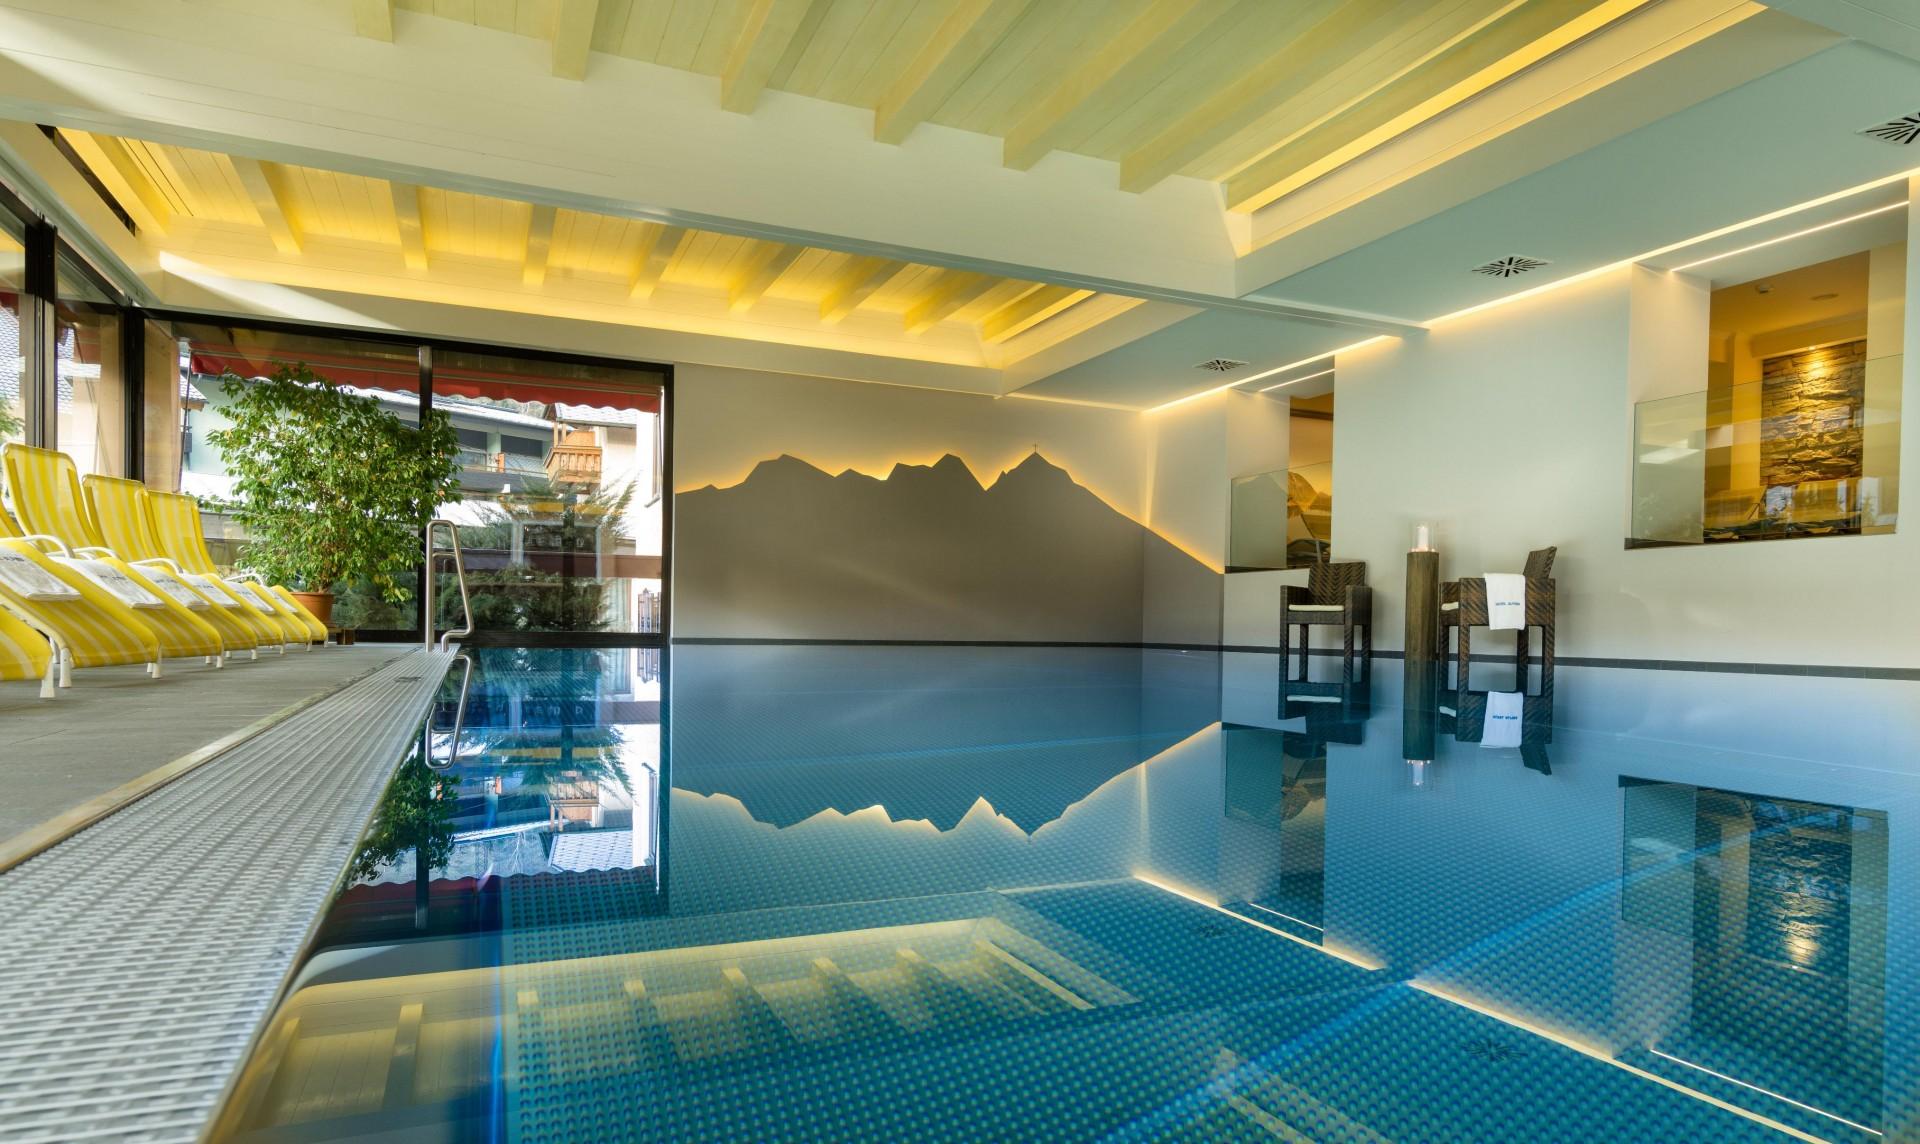 Hotel Alpina Bad Hofgastein 4 Stars In Gastein